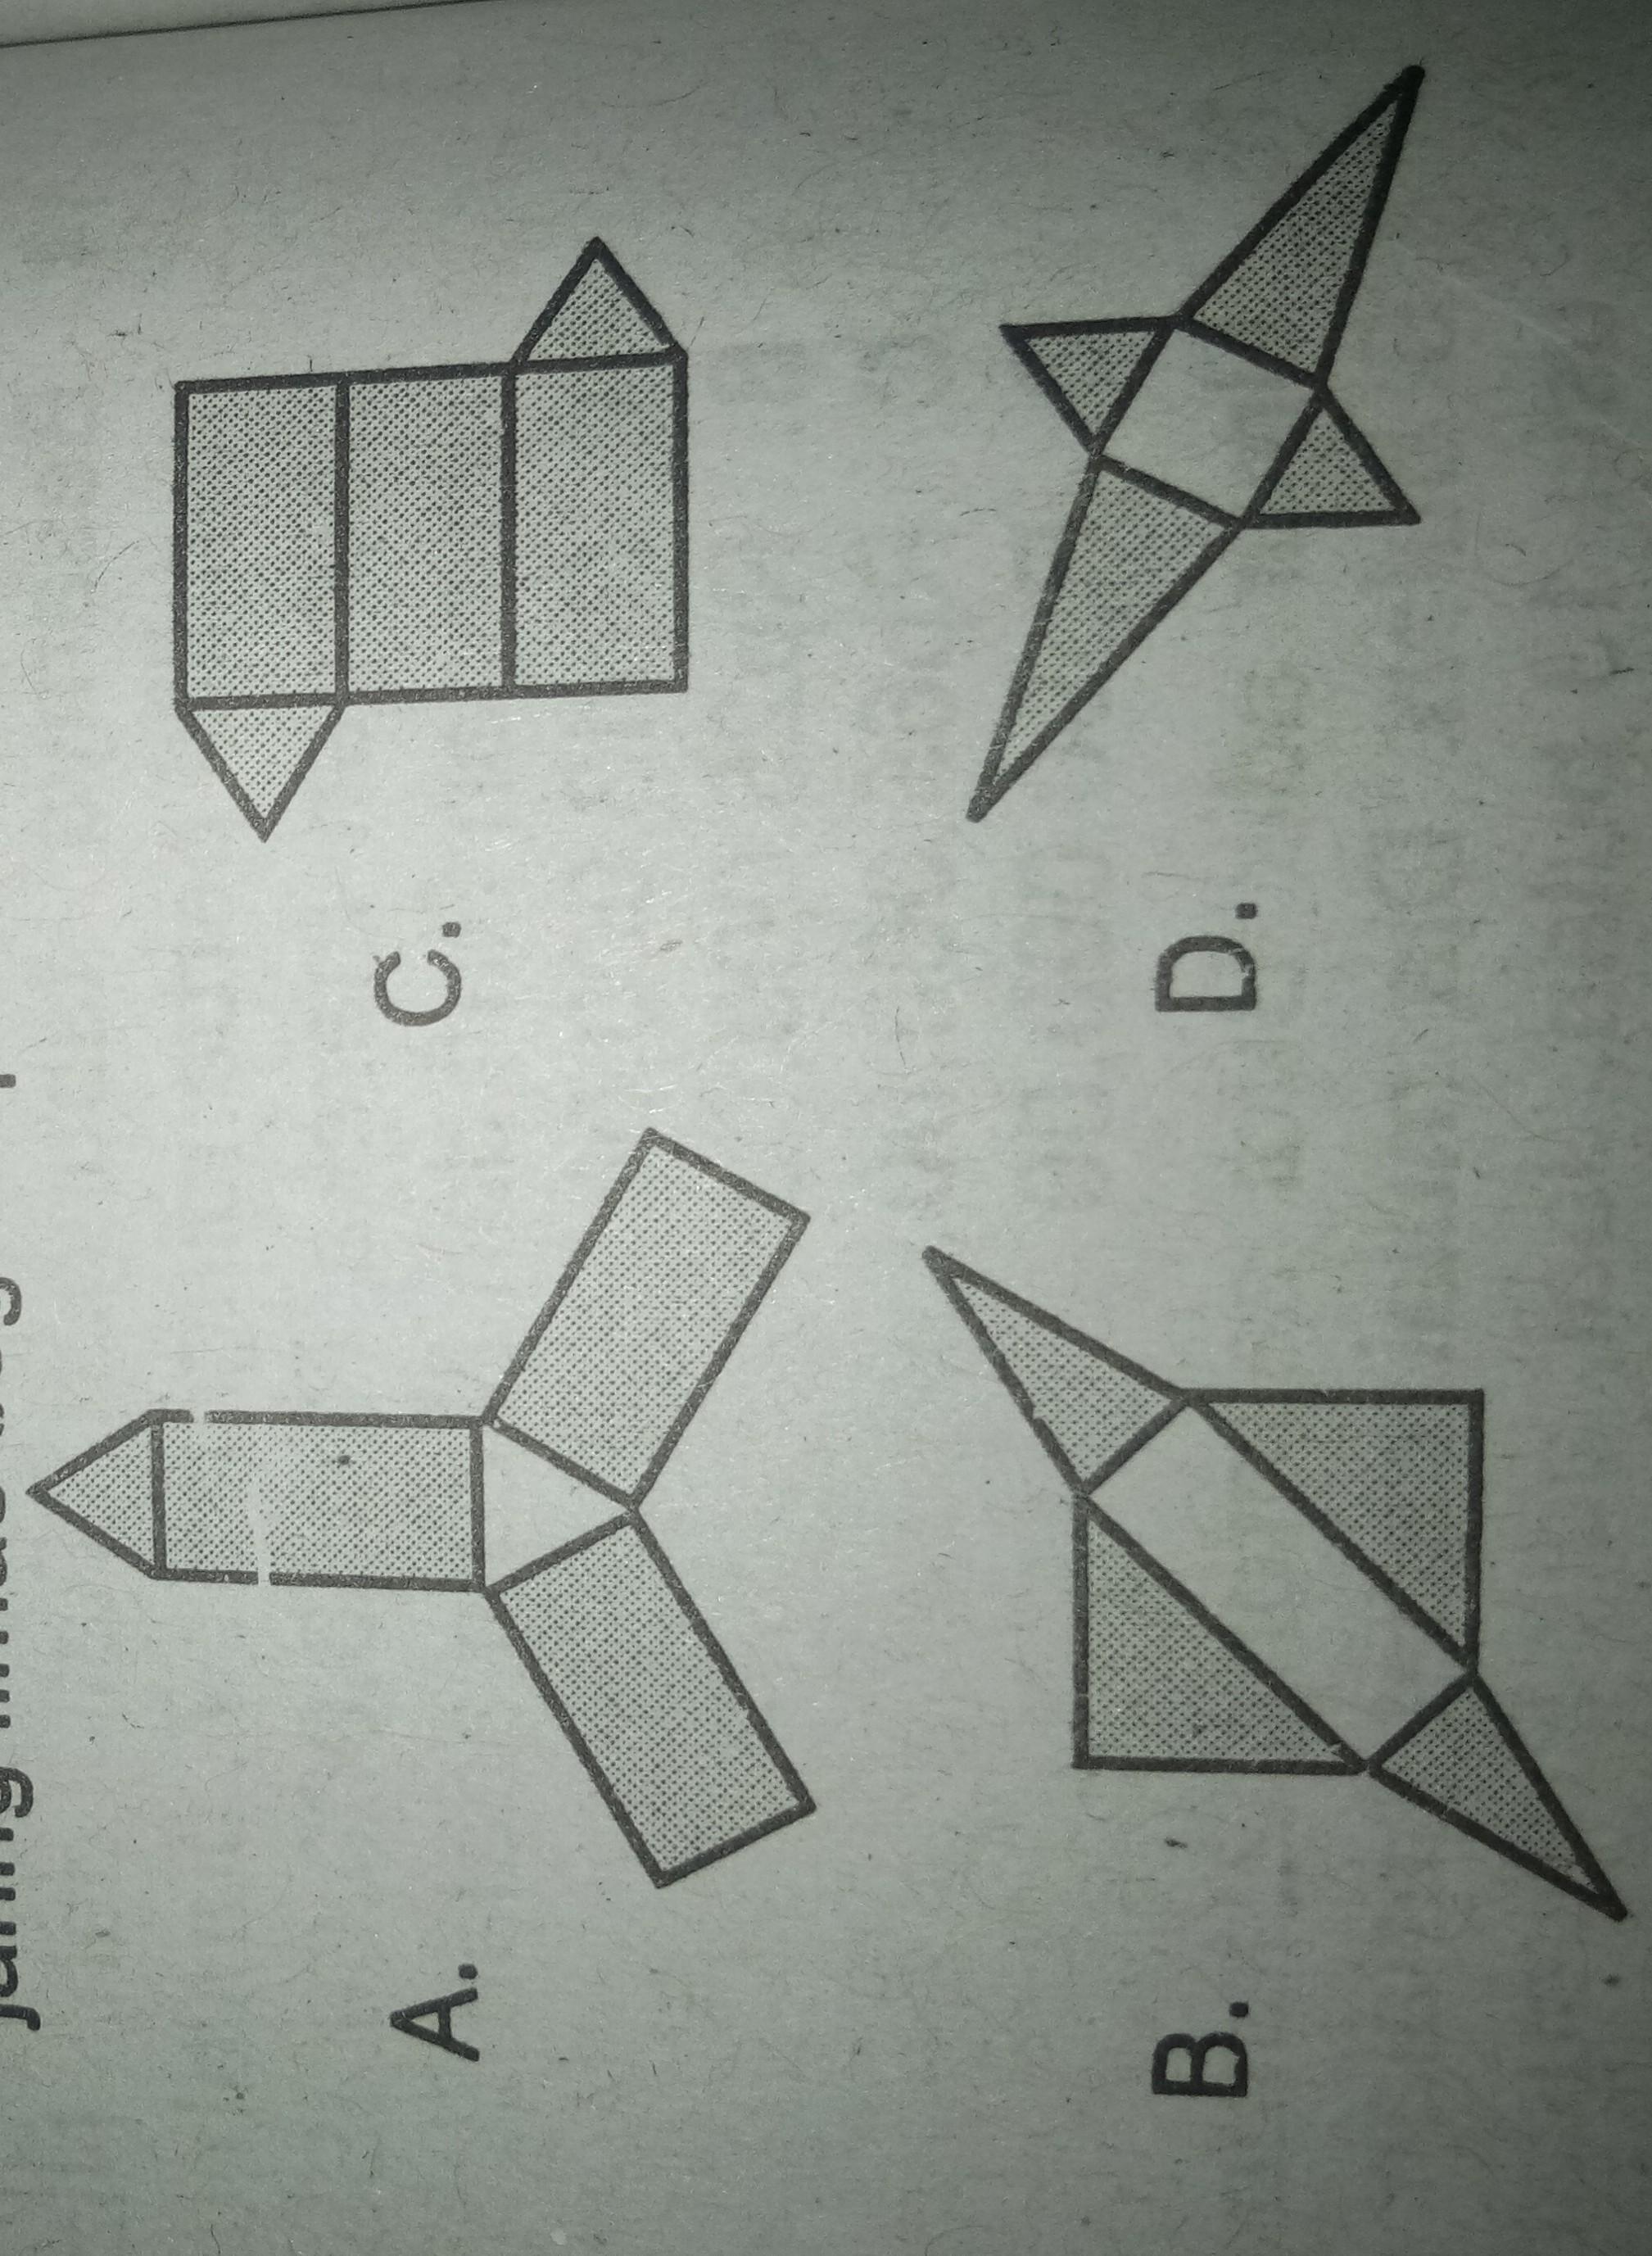 Jaring Limas Segitiga : jaring, limas, segitiga, Gambar, Berikut, Merupakan, Jaring-jaring, Limas, Empat, Adalah...., Tolong, Dijawab, Brainly.co.id